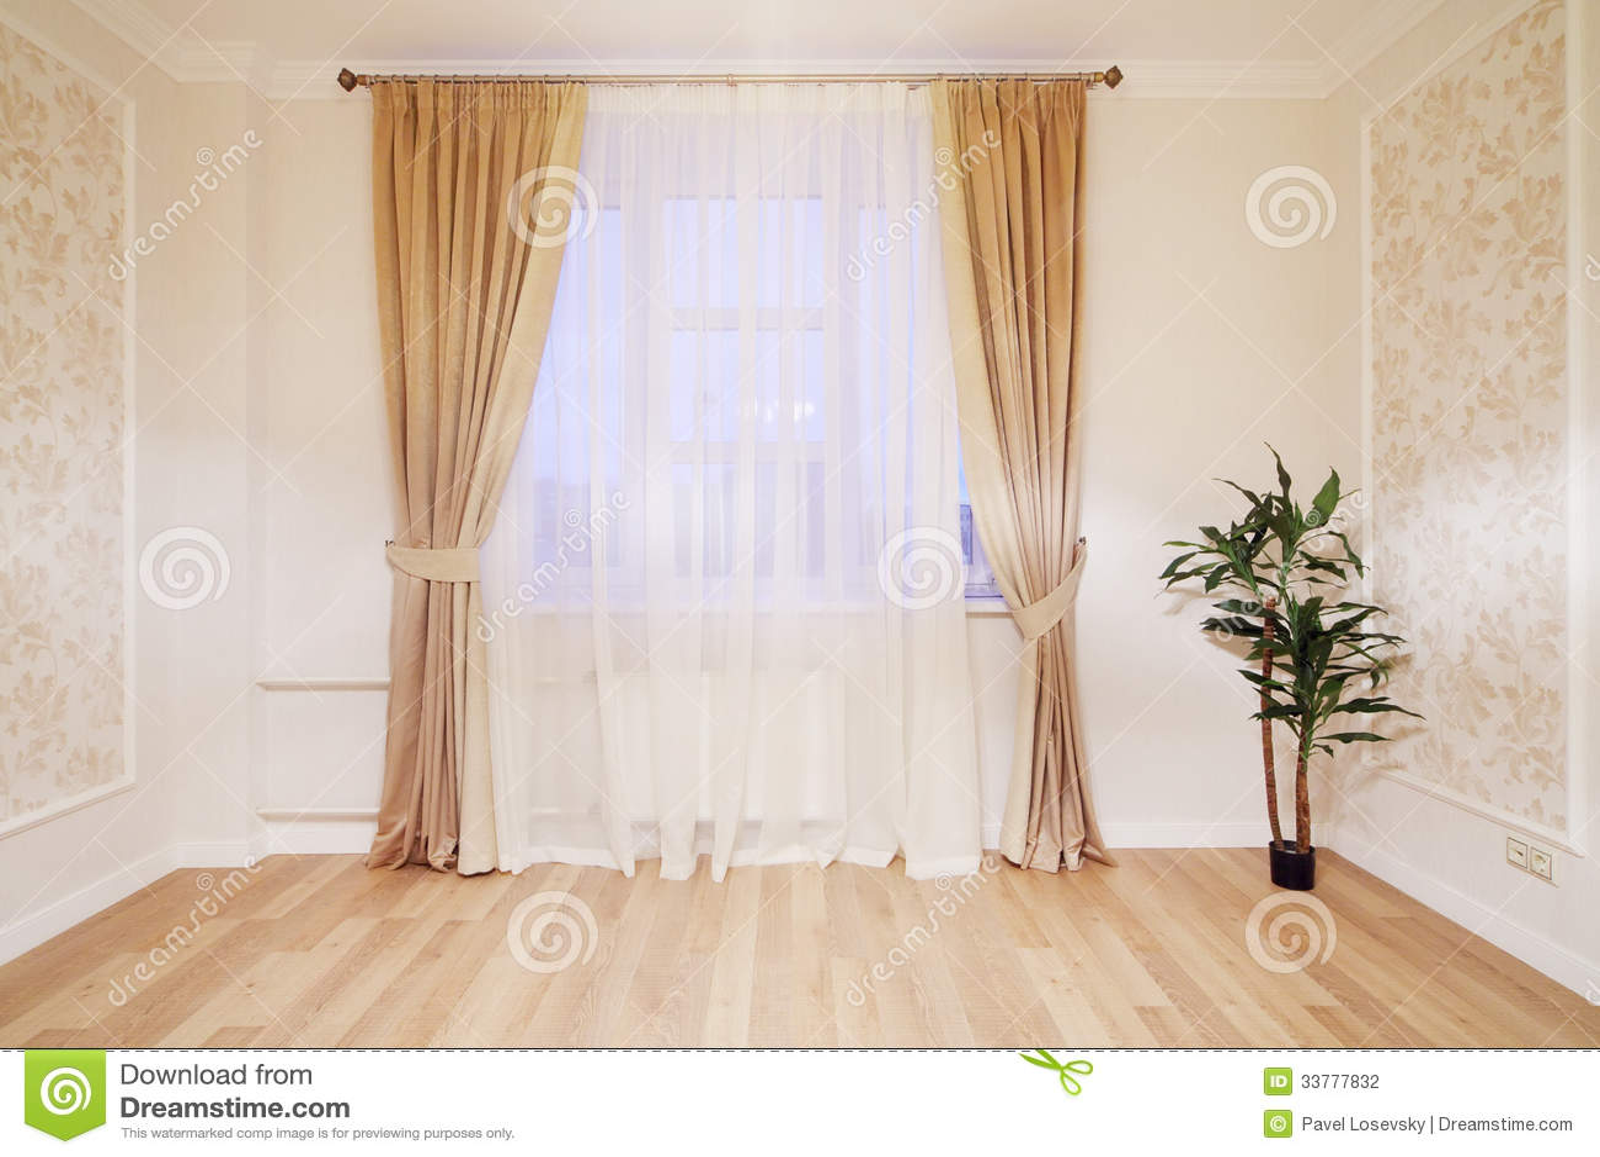 Cortinas de bao cortinas de bao en oncetelas para for Cortinas ojales baratas